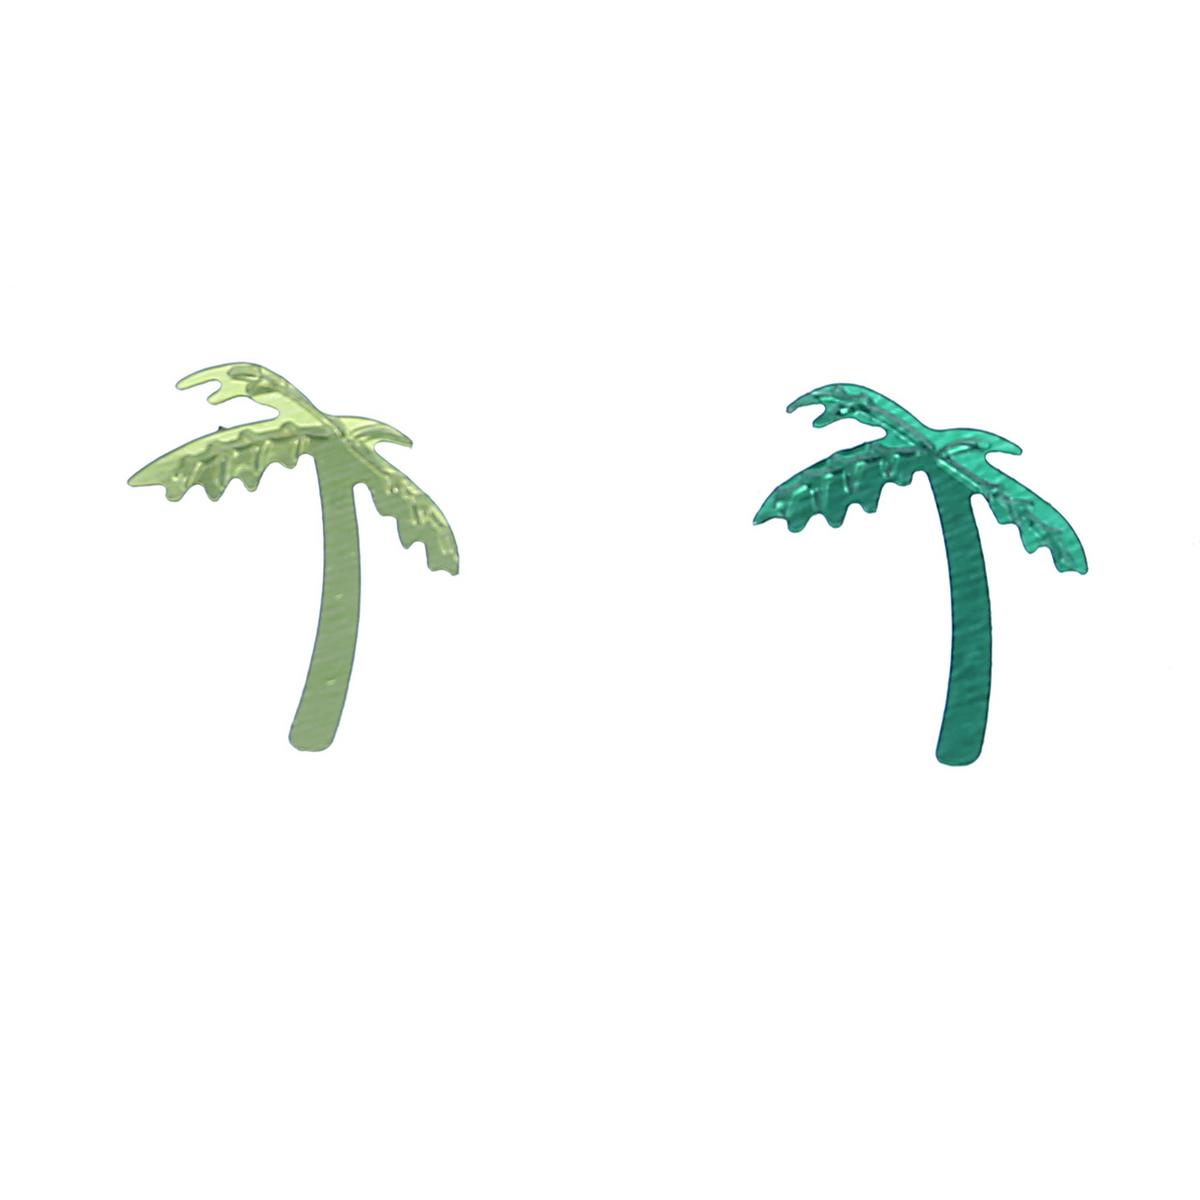 קונפטי טרופי ירוק בהיר וכהה ( ייחודי )